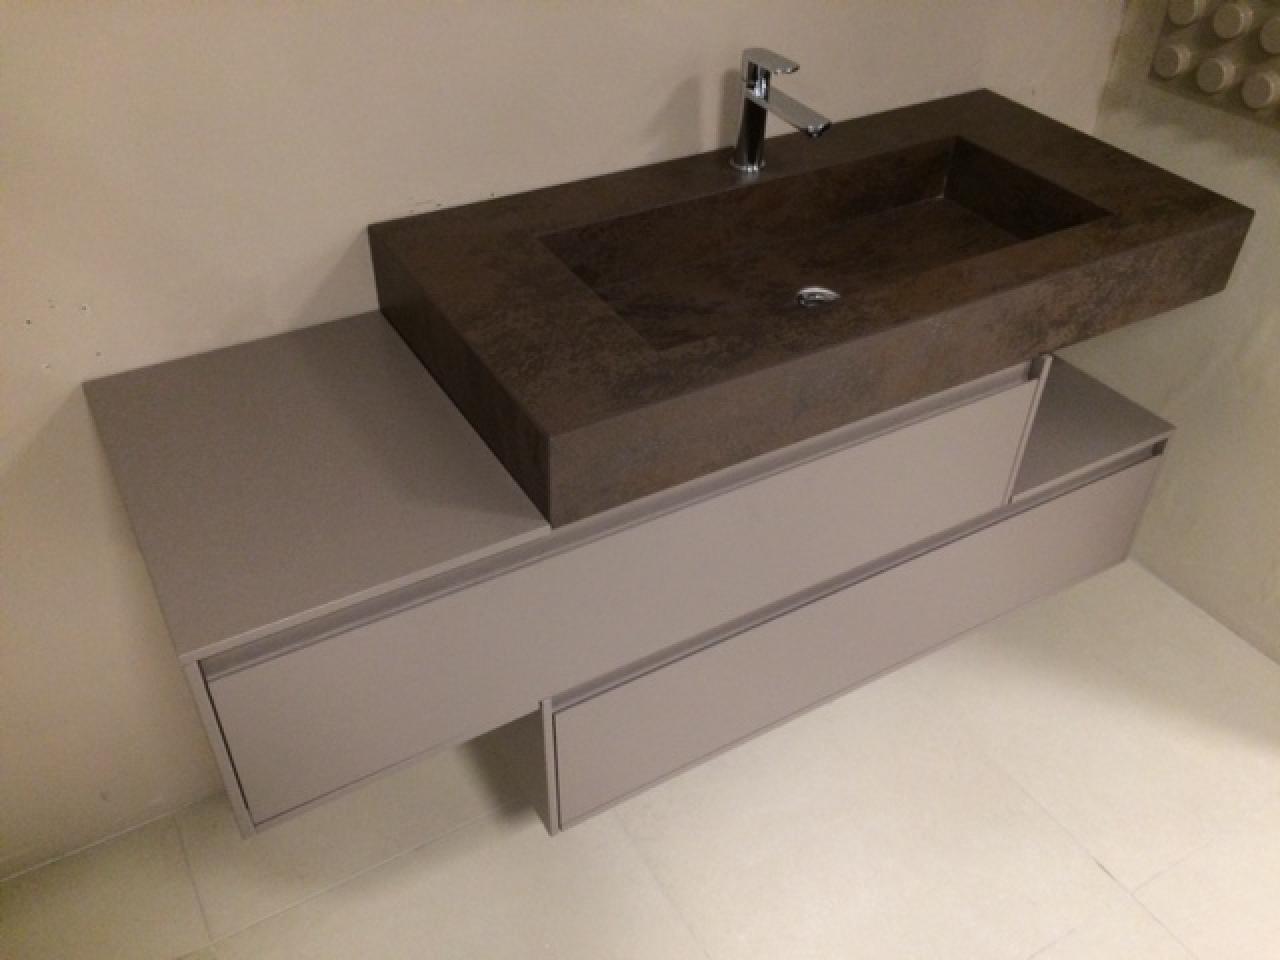 Mobile bagno moderno sospeso piano laminam prezzo outlet vicenza